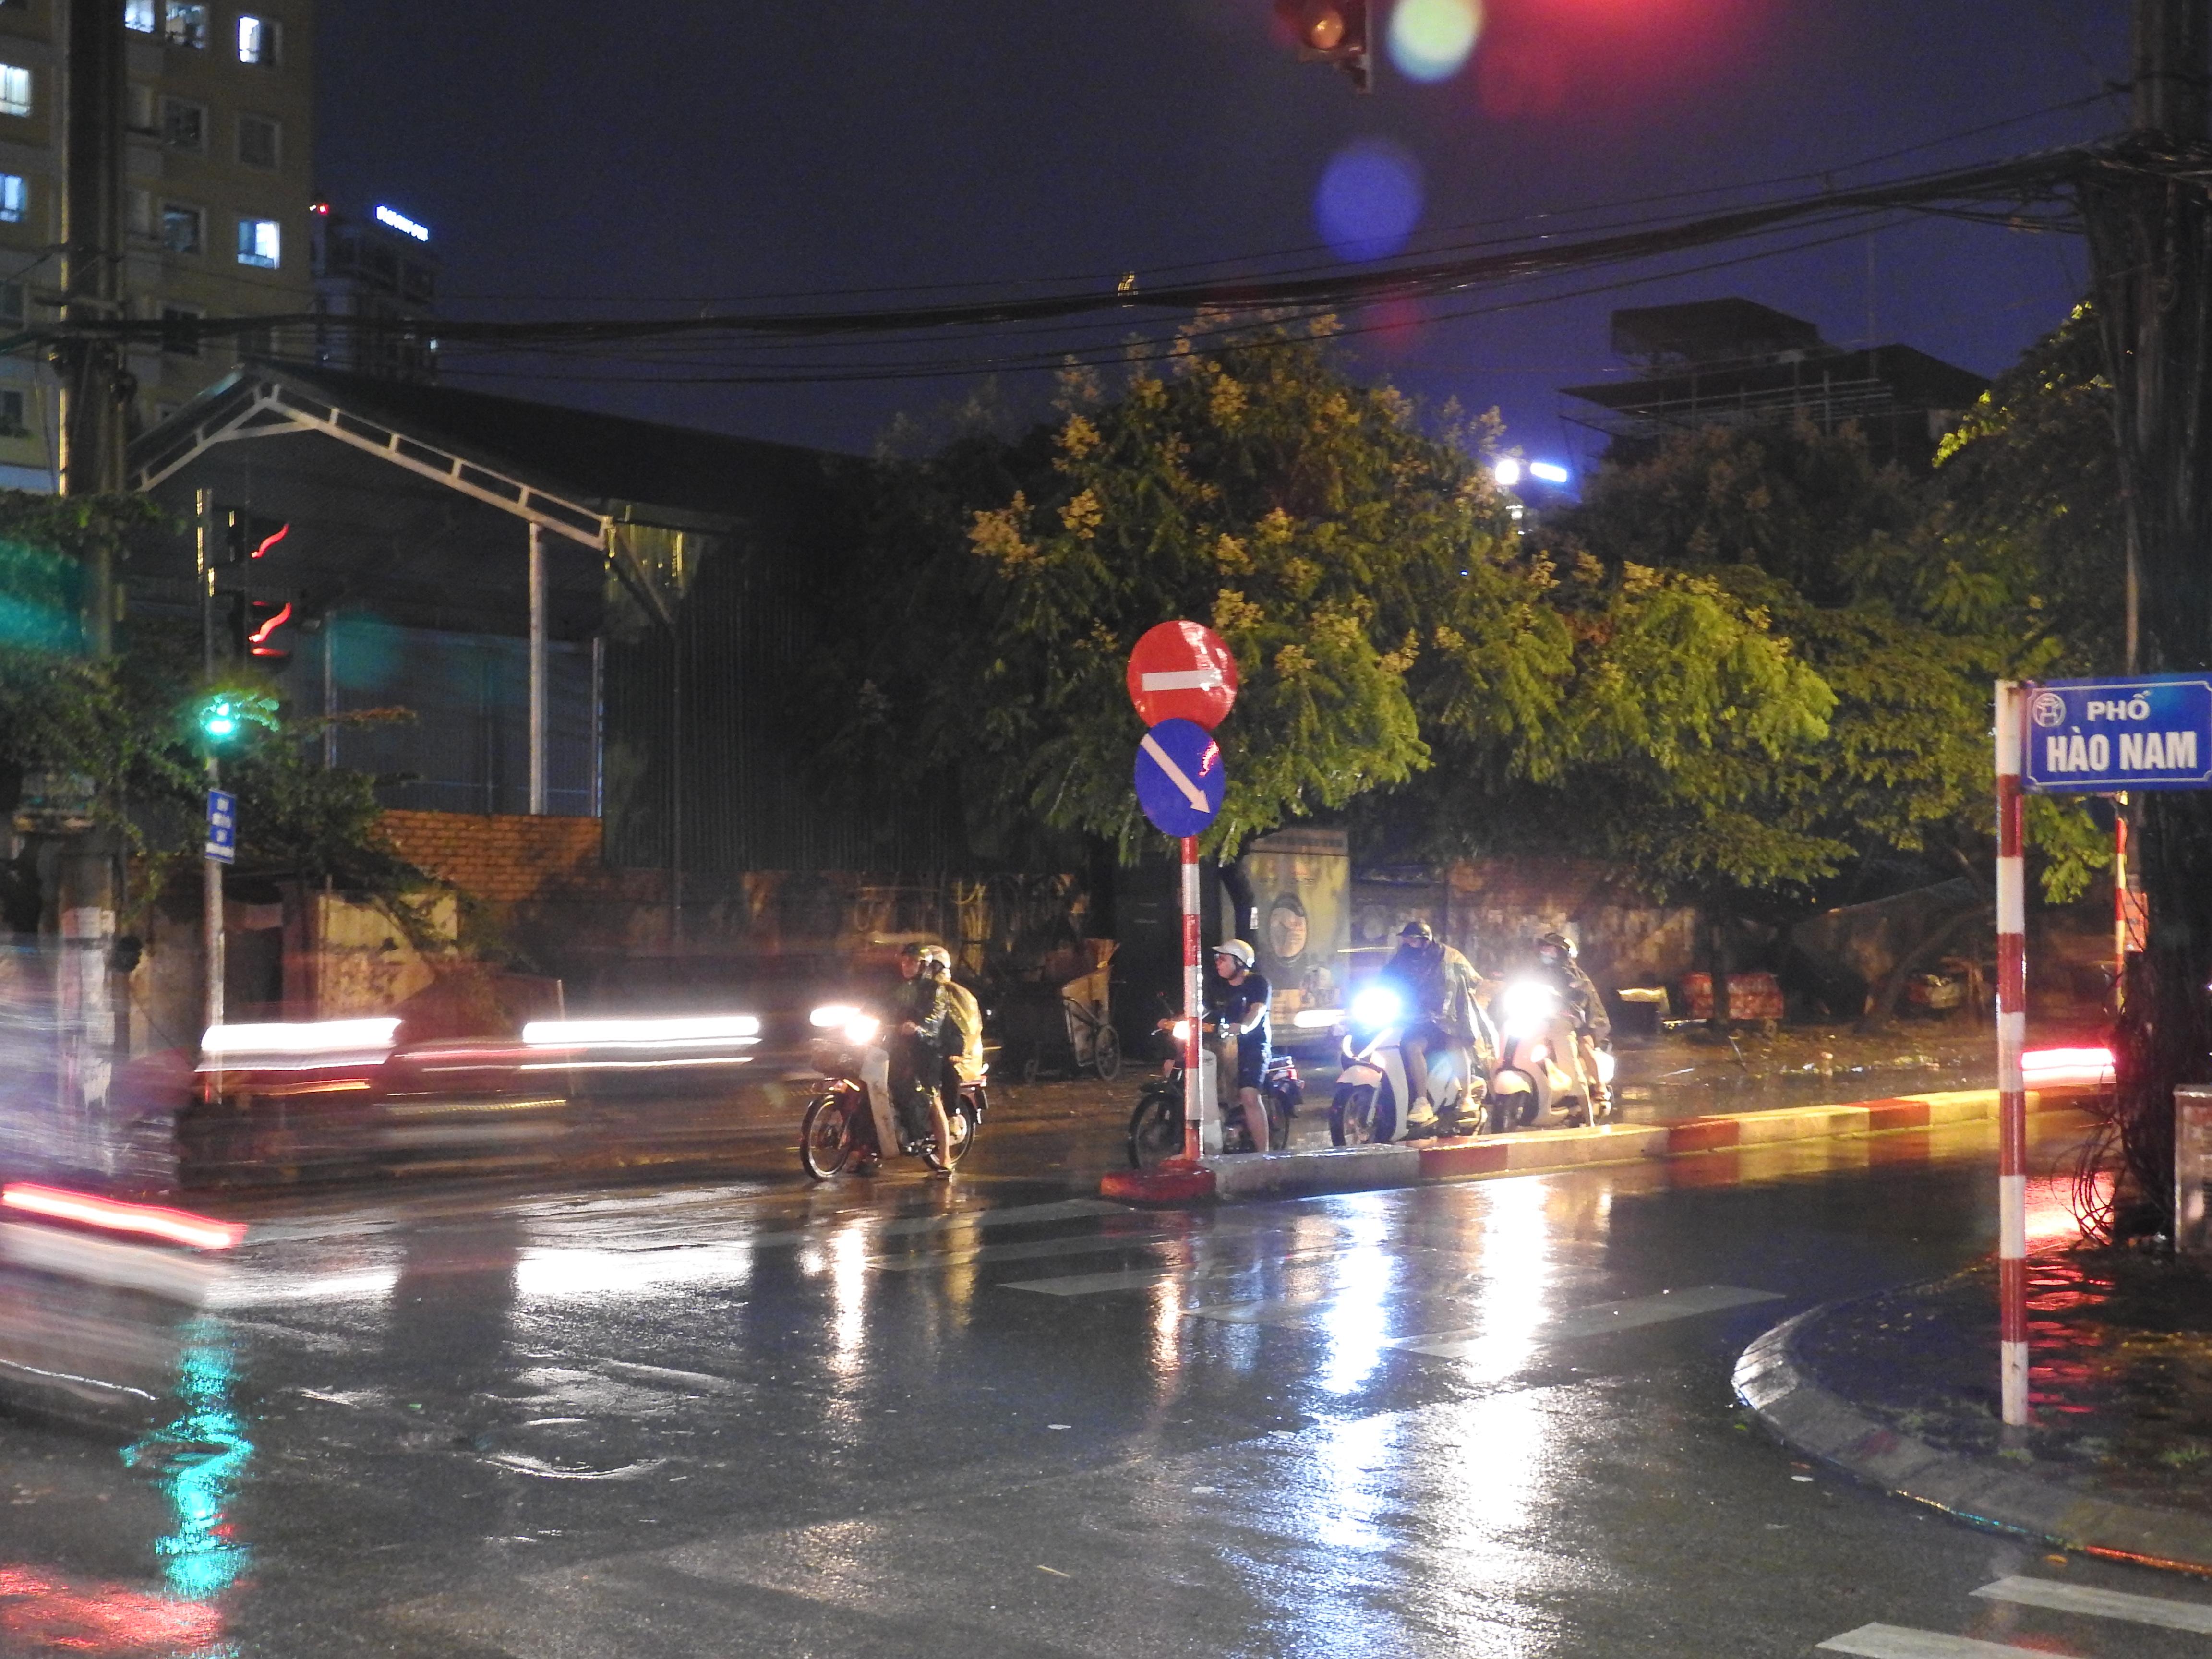 Hà Nội 'giải nhiệt' nhờ cơn mưa rào trên diện rộng sau chuỗi ngày nắng nóng - Ảnh 4.